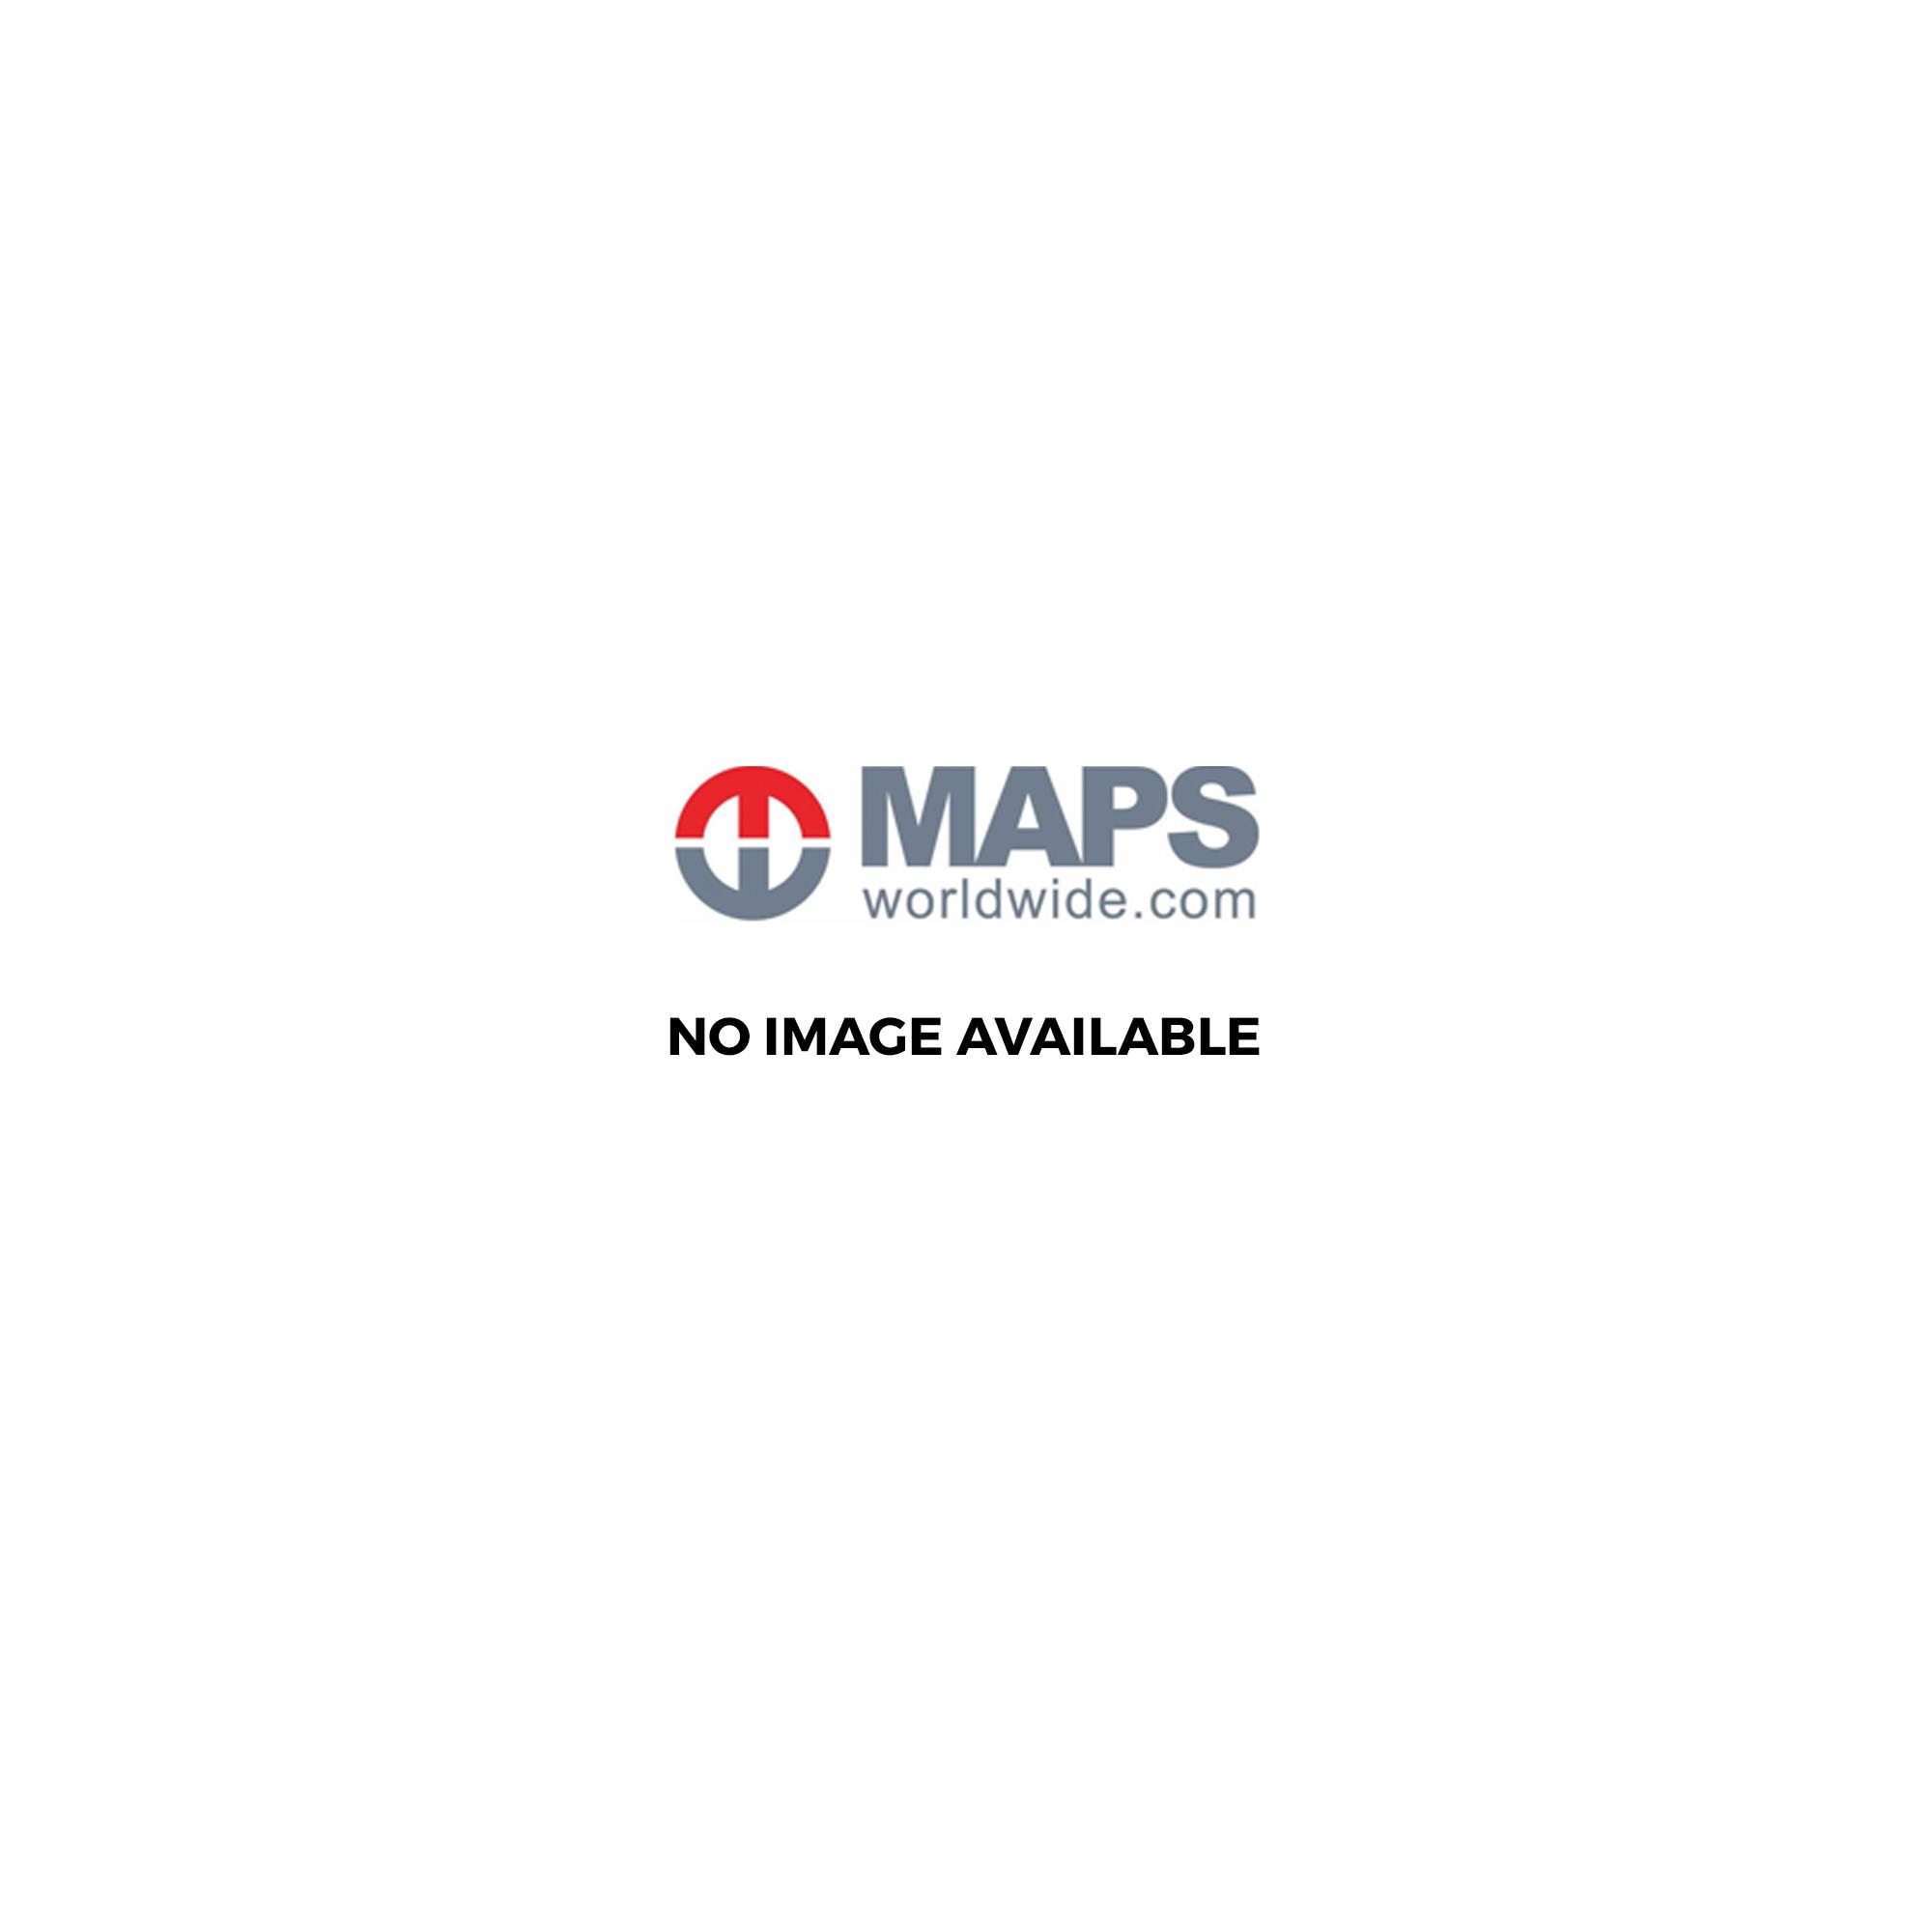 haglebu kart Vassfaret Norefjell: 3014 haglebu kart